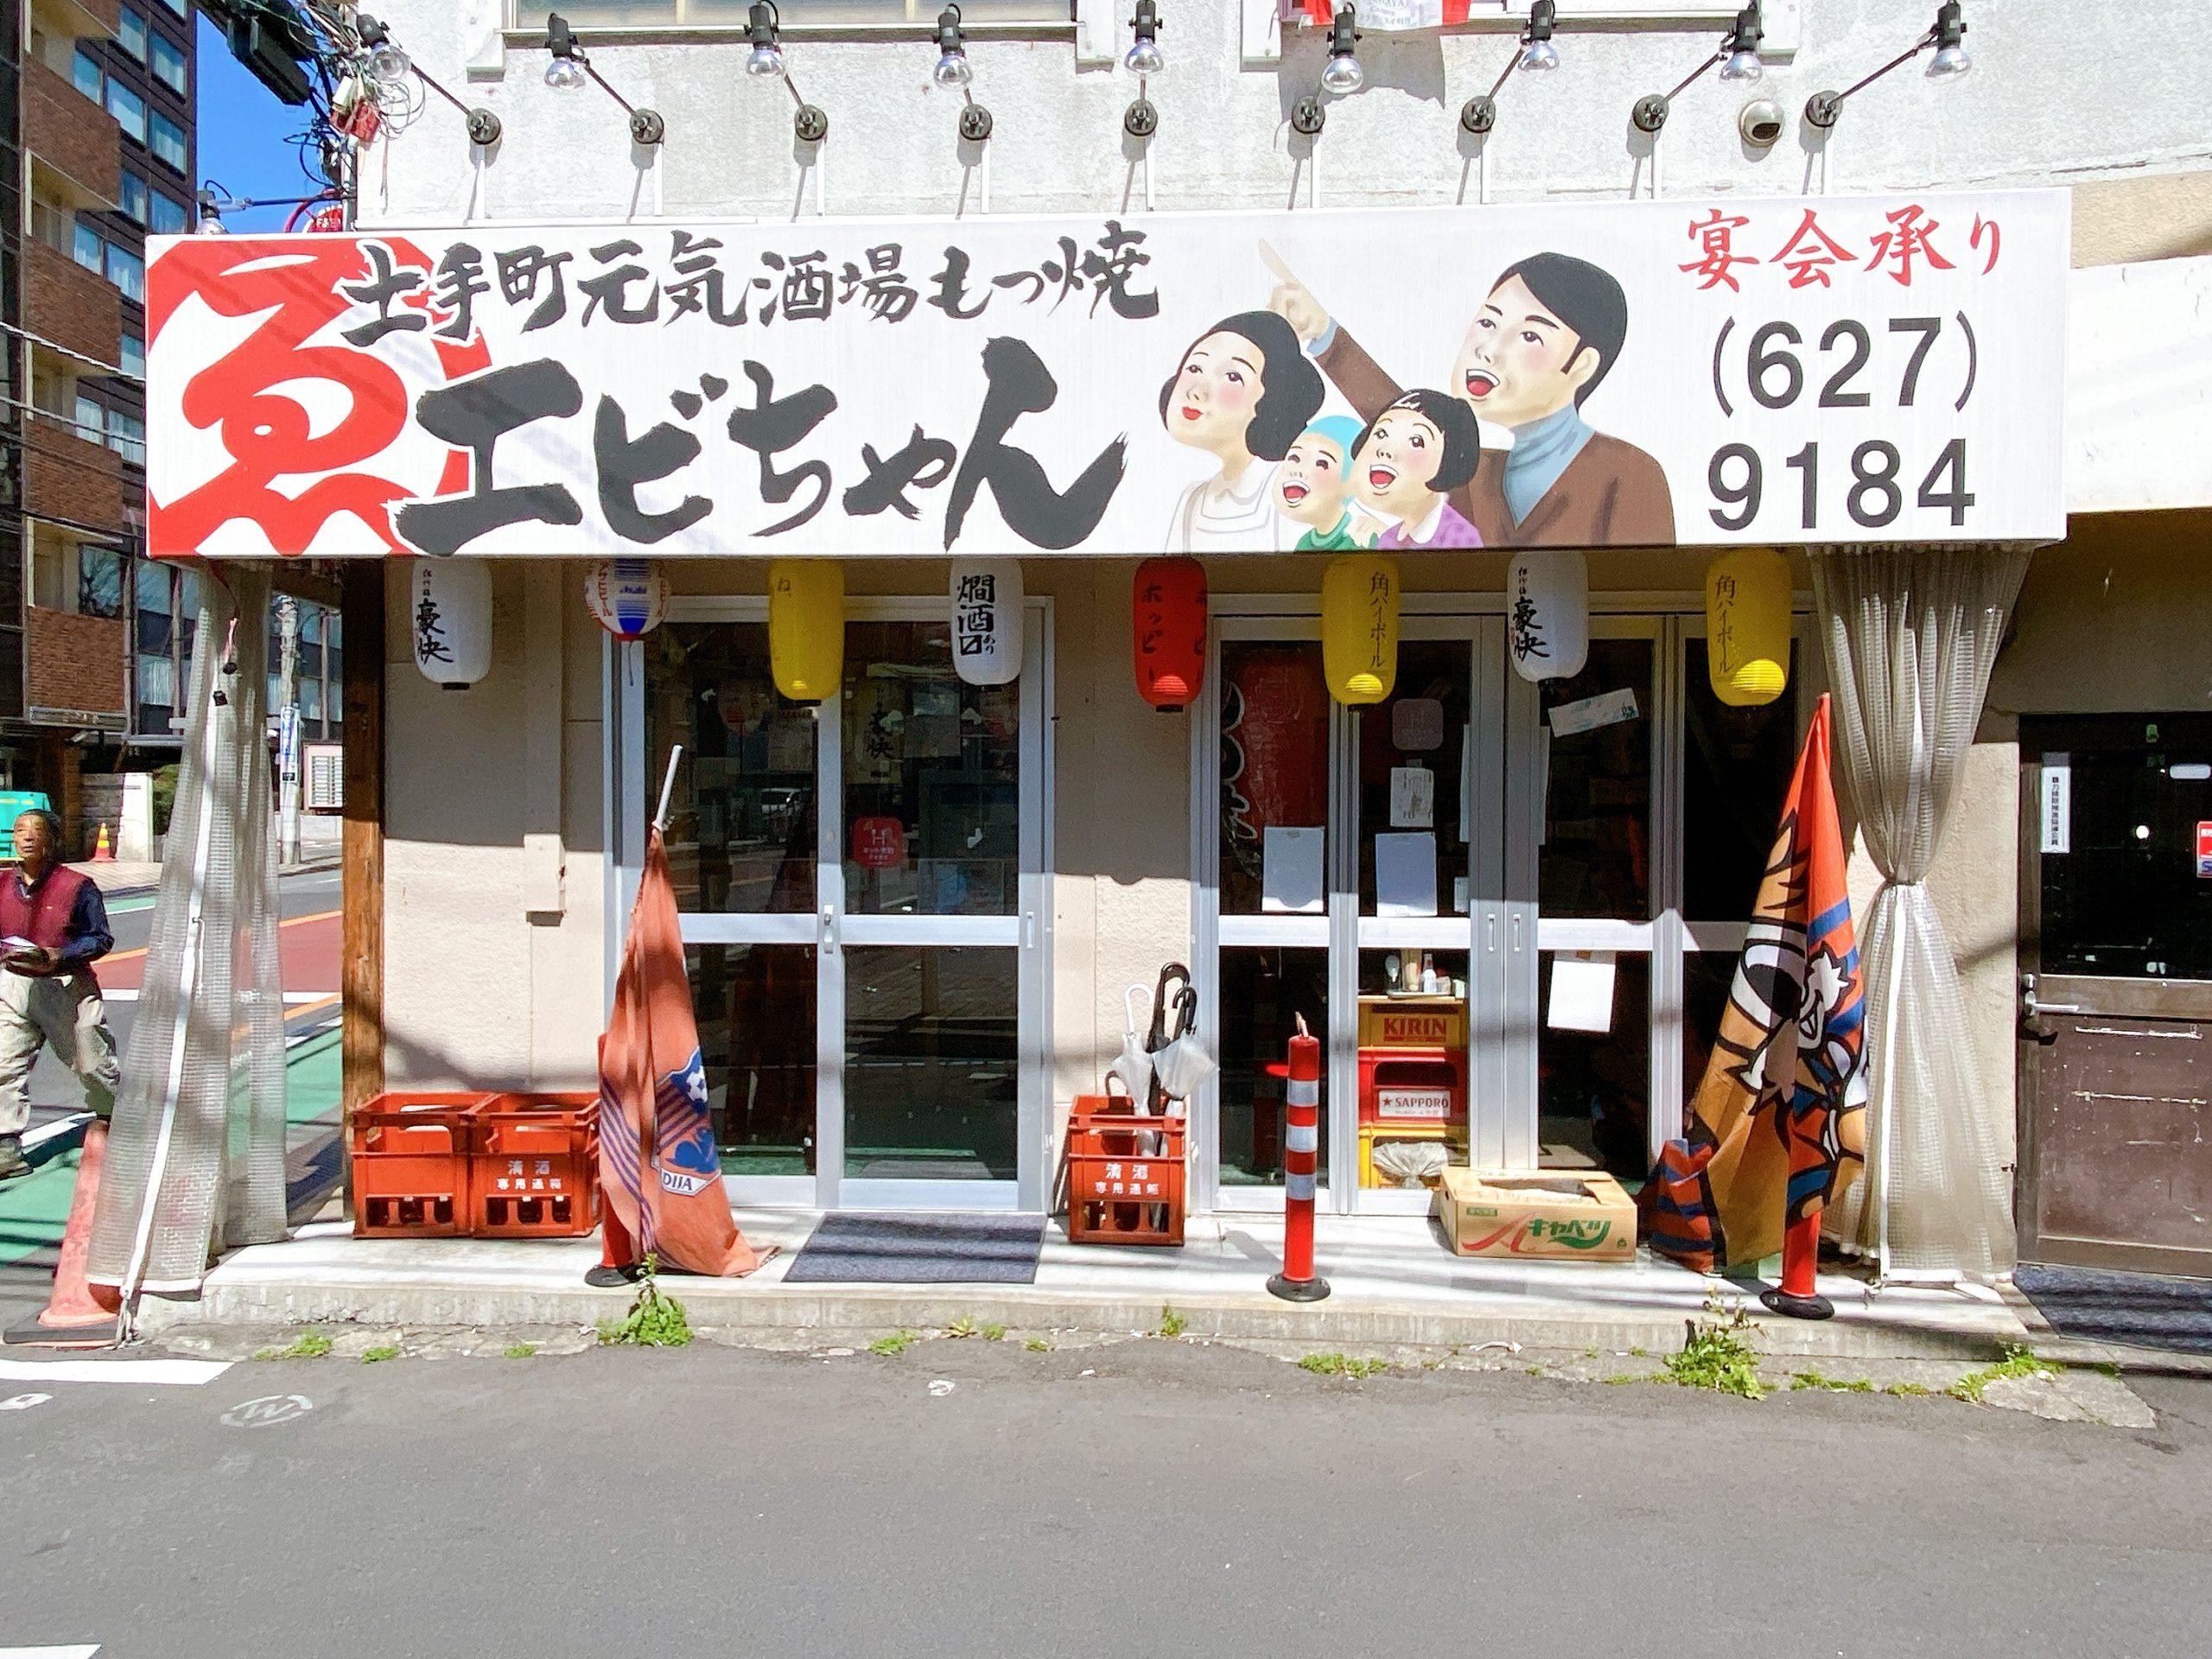 大宮区土手町 旧中山道 元気酒場もつ焼きエビちゃん